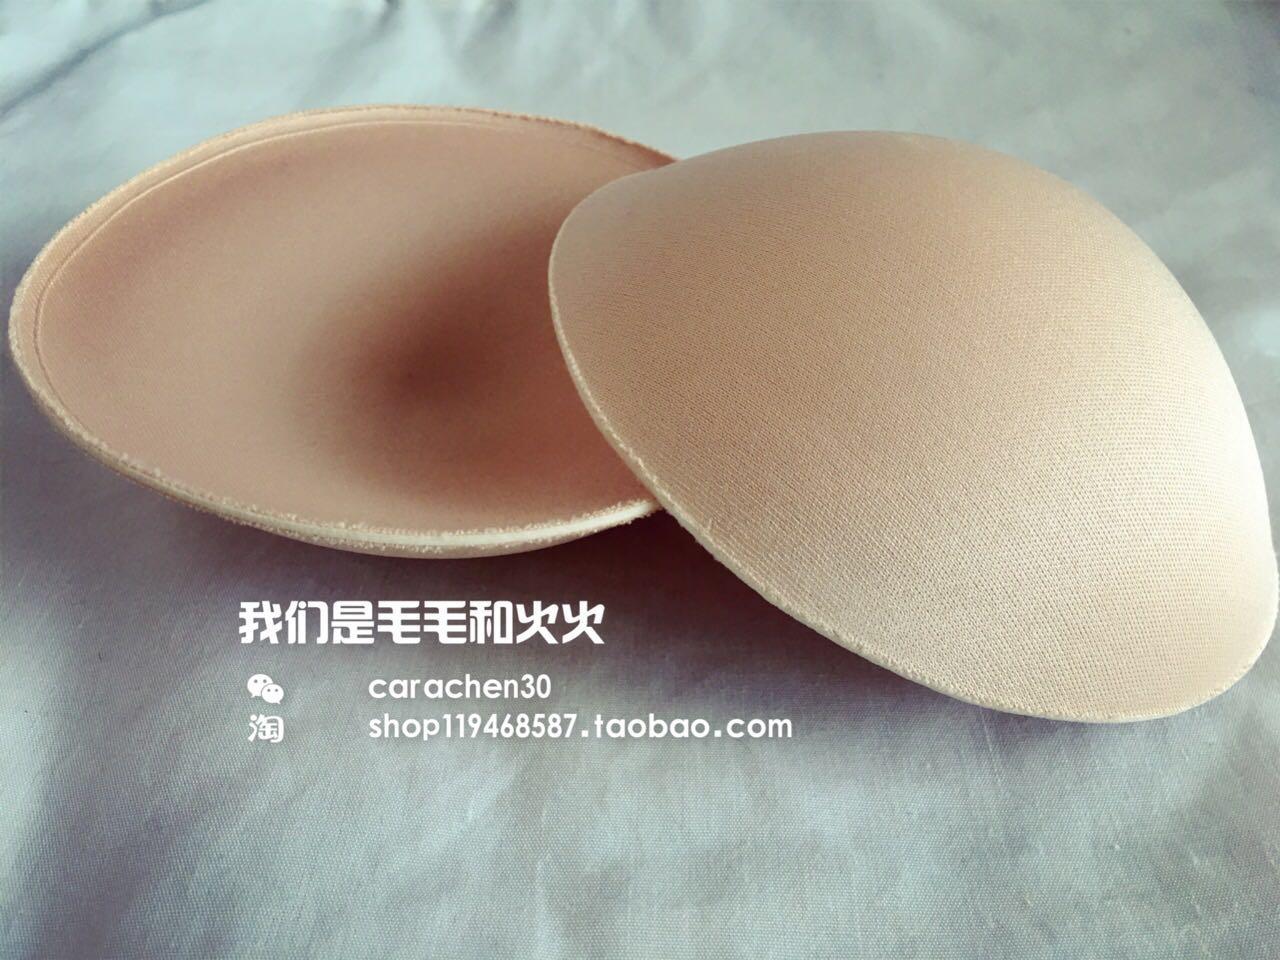 Губка грудь площадку нижнее белье вставить заменять грудь площадку йога лифчик подушка mail wd-053474